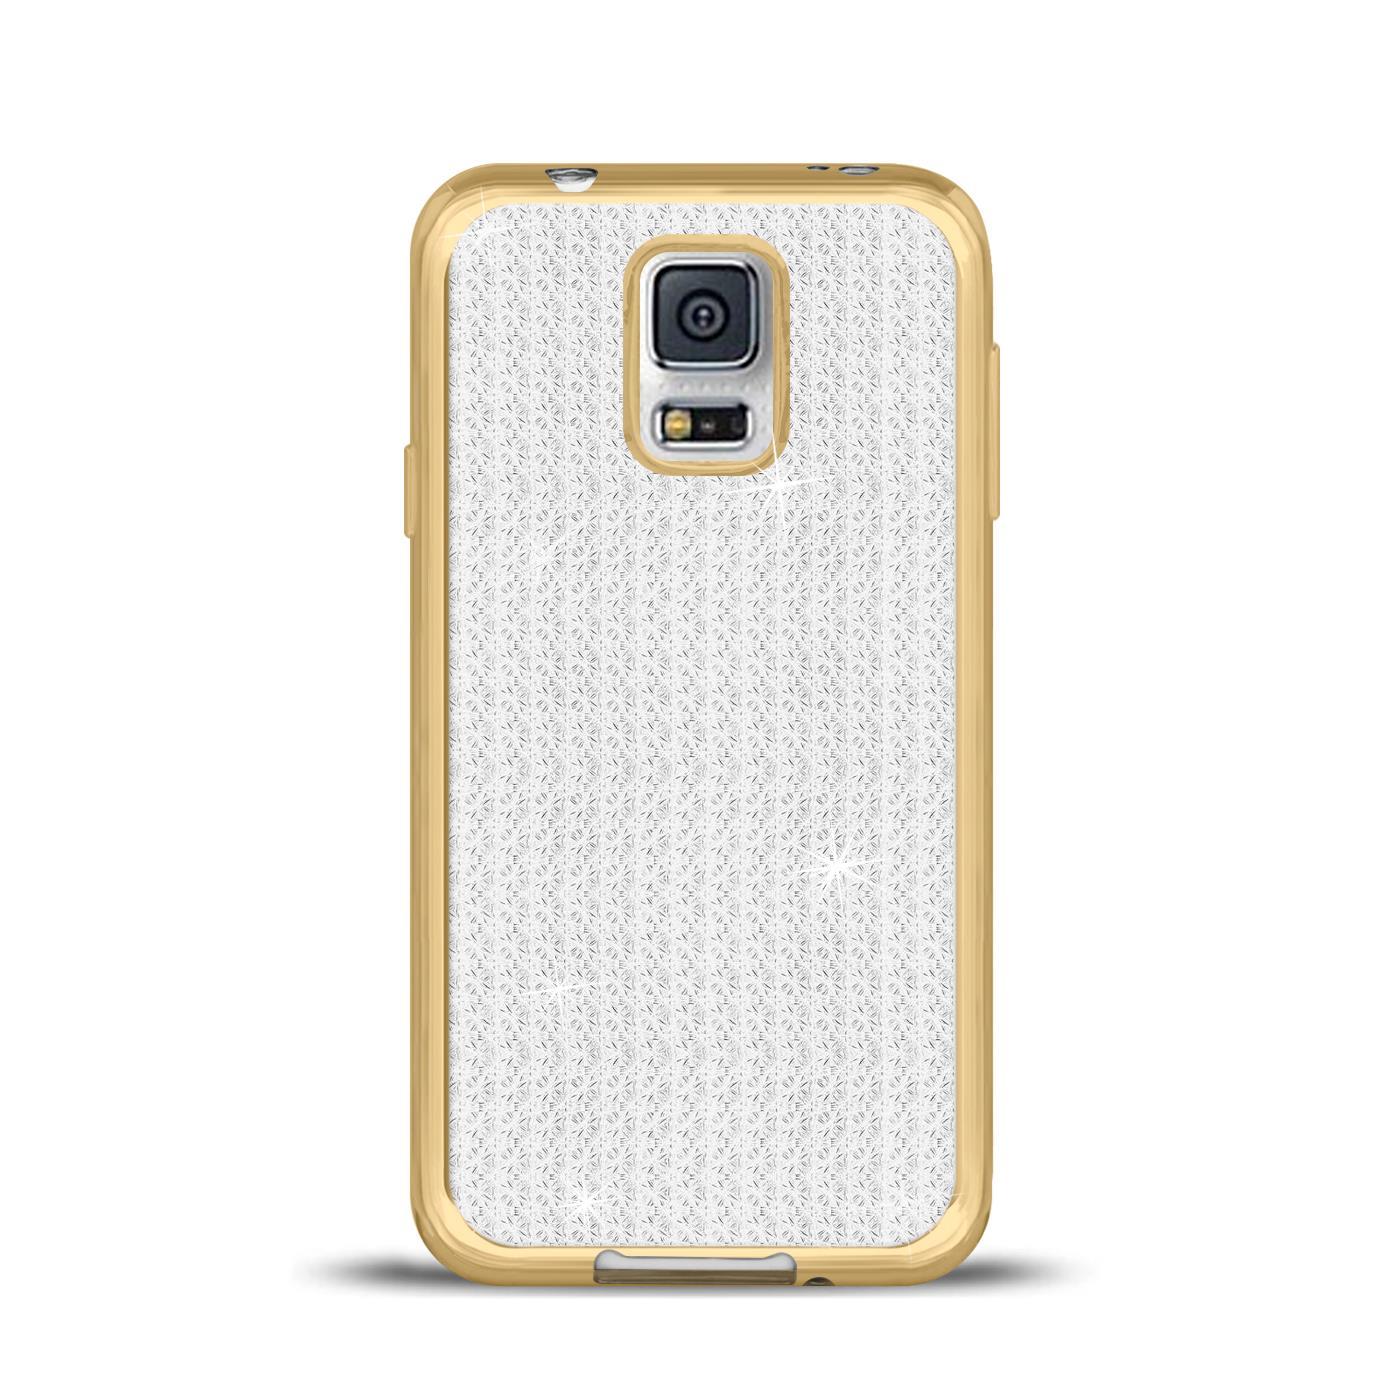 miniatura 3 - Funda para Móvil samsung Galaxy S5 Neo Protectora de Silicona Brillantina